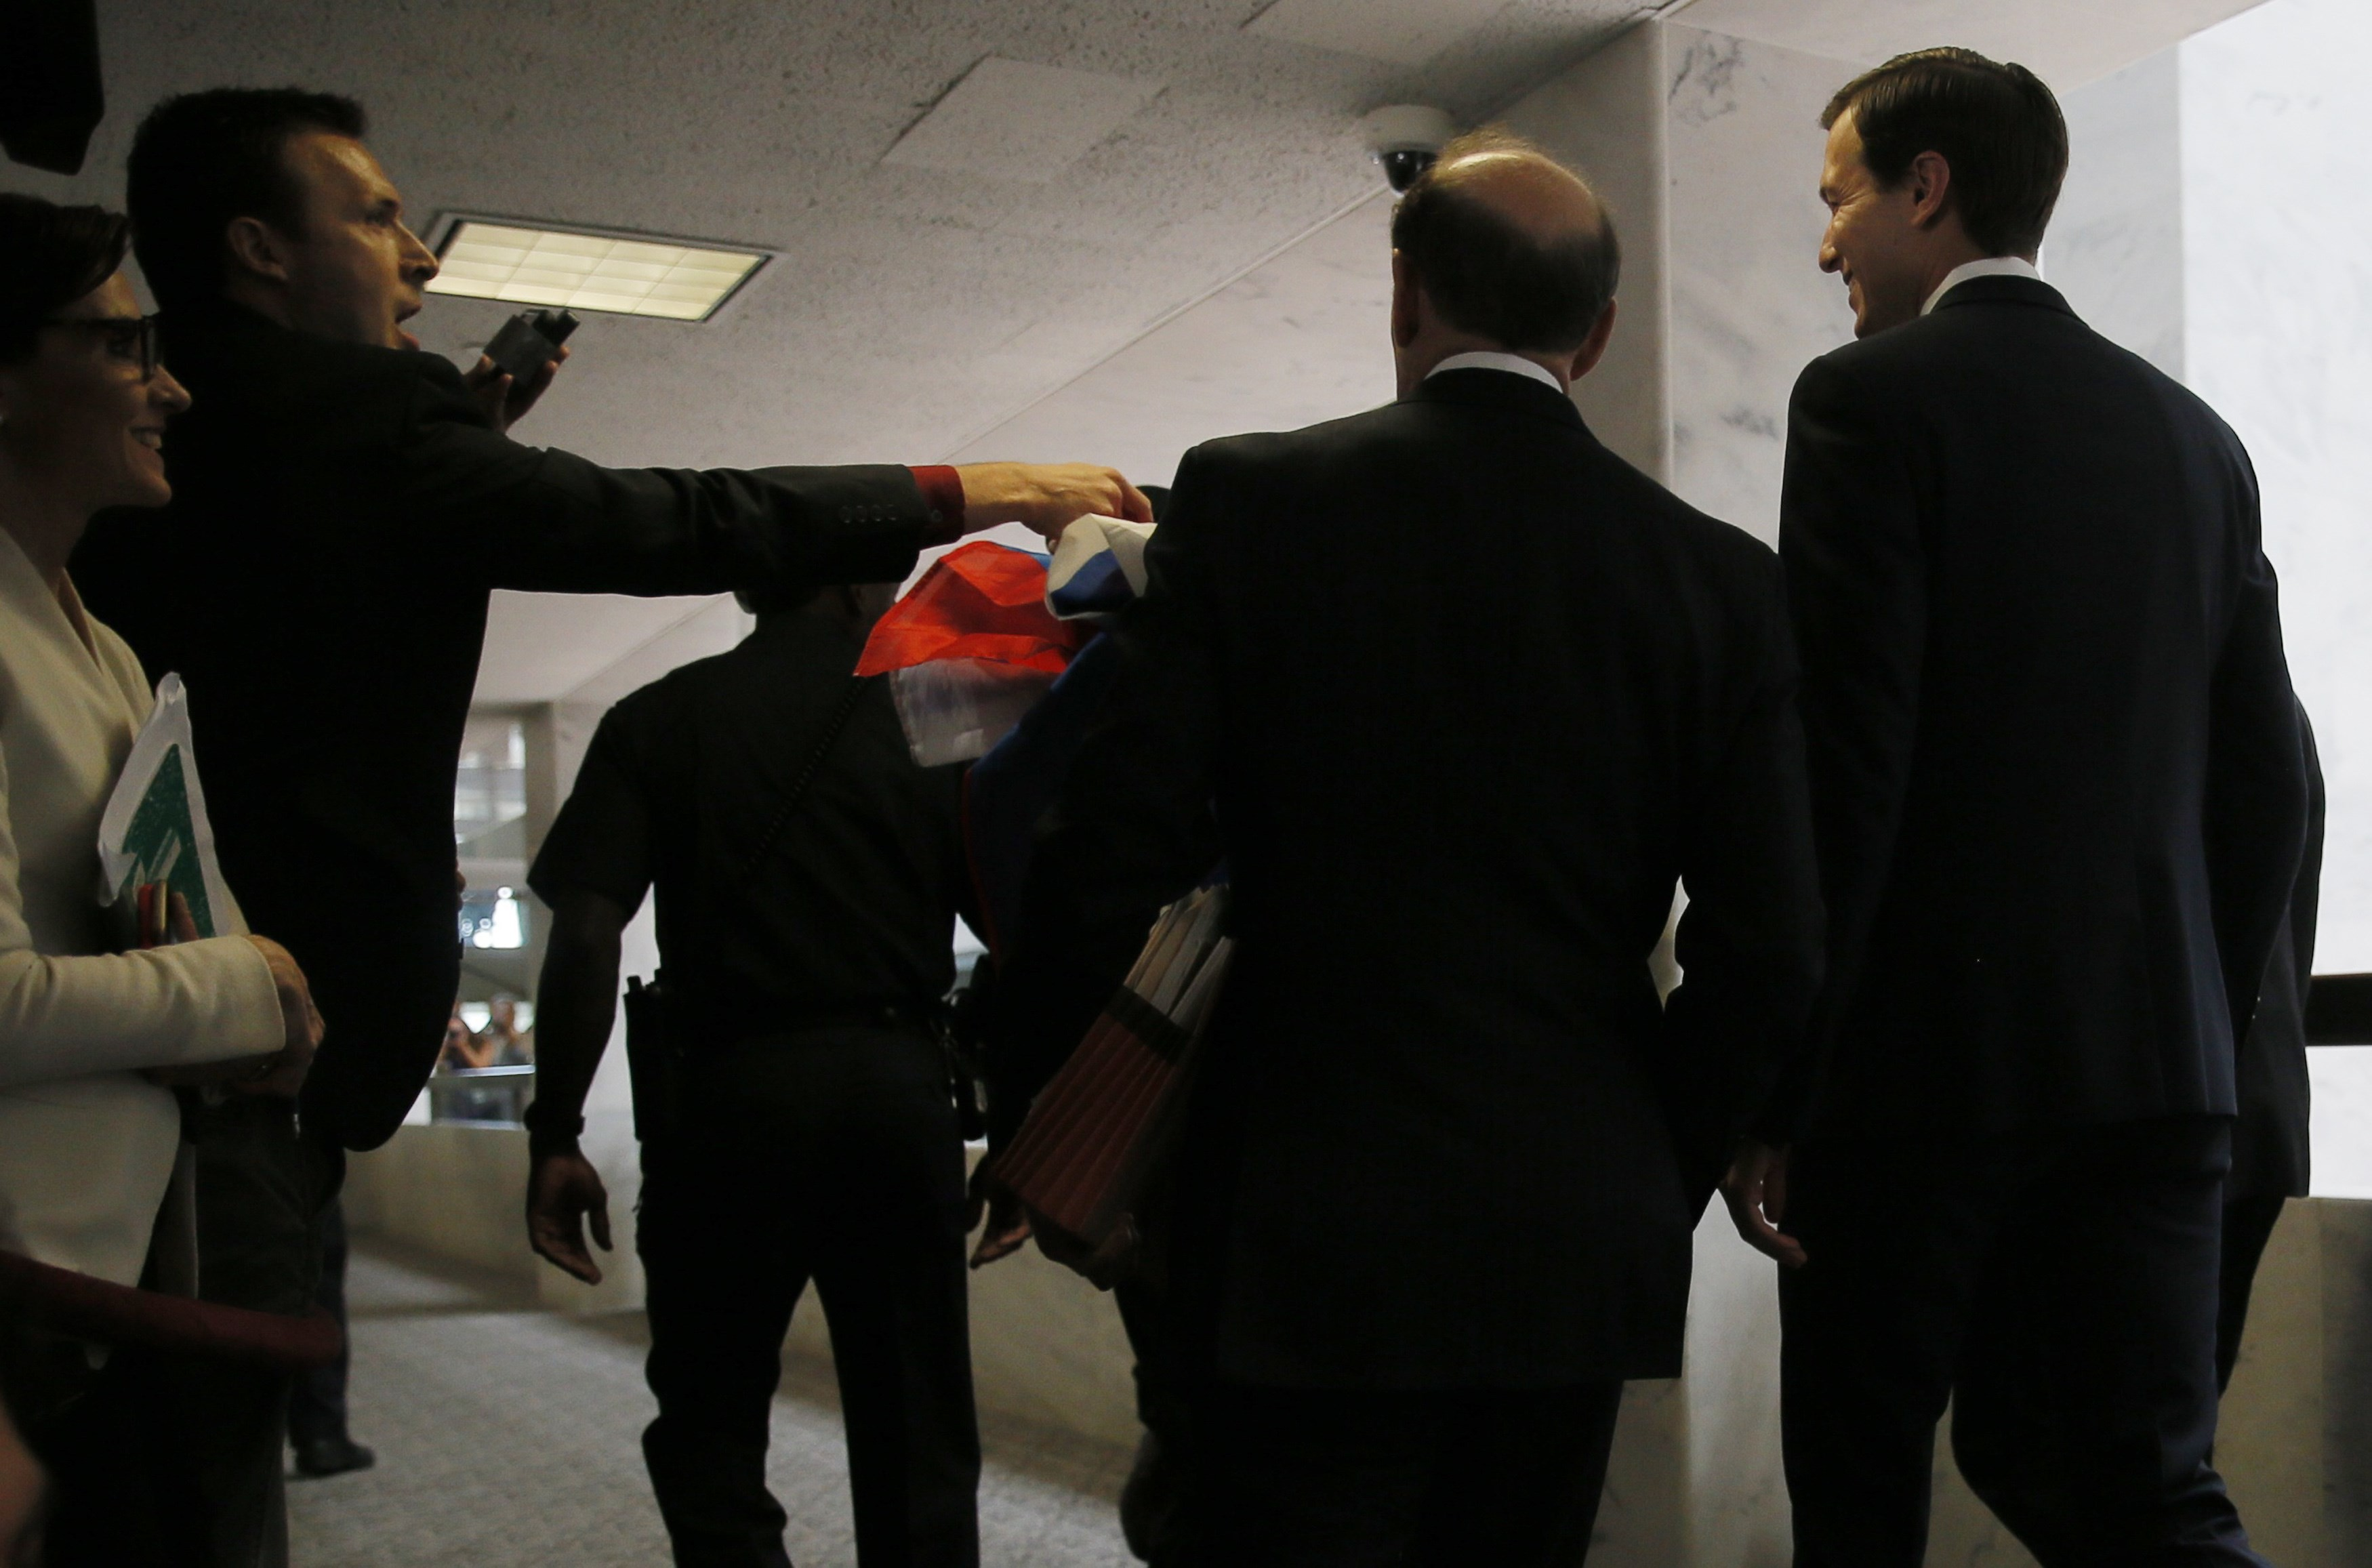 <p>Мужчина протягивает Джареду Кушнеру российский флаг с просьбой подписать его. Фото: &copy; REUTERS/Jim Bourg</p>